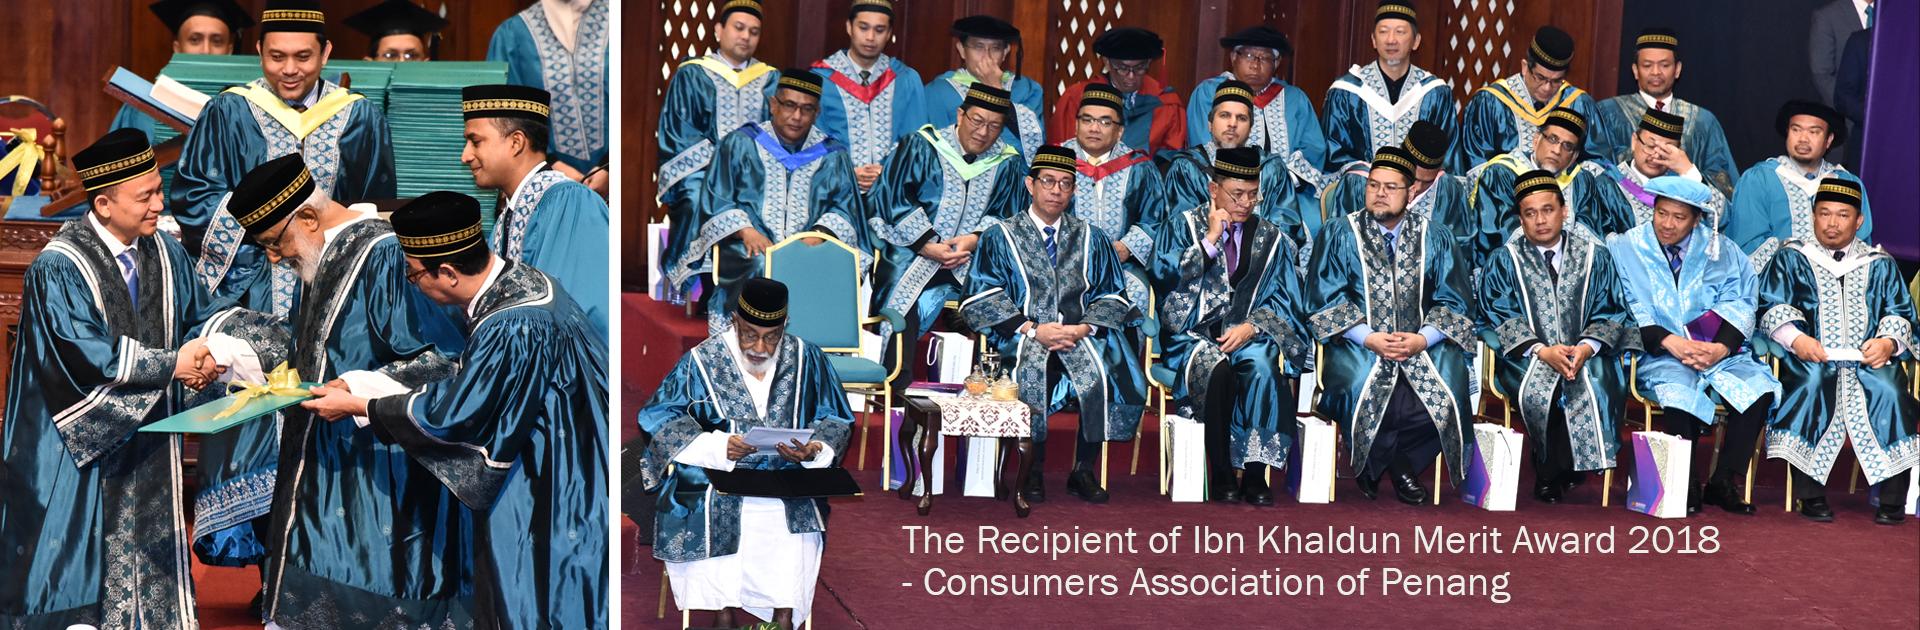 CAP 1 - Recipient of Ibn Khaldun Award